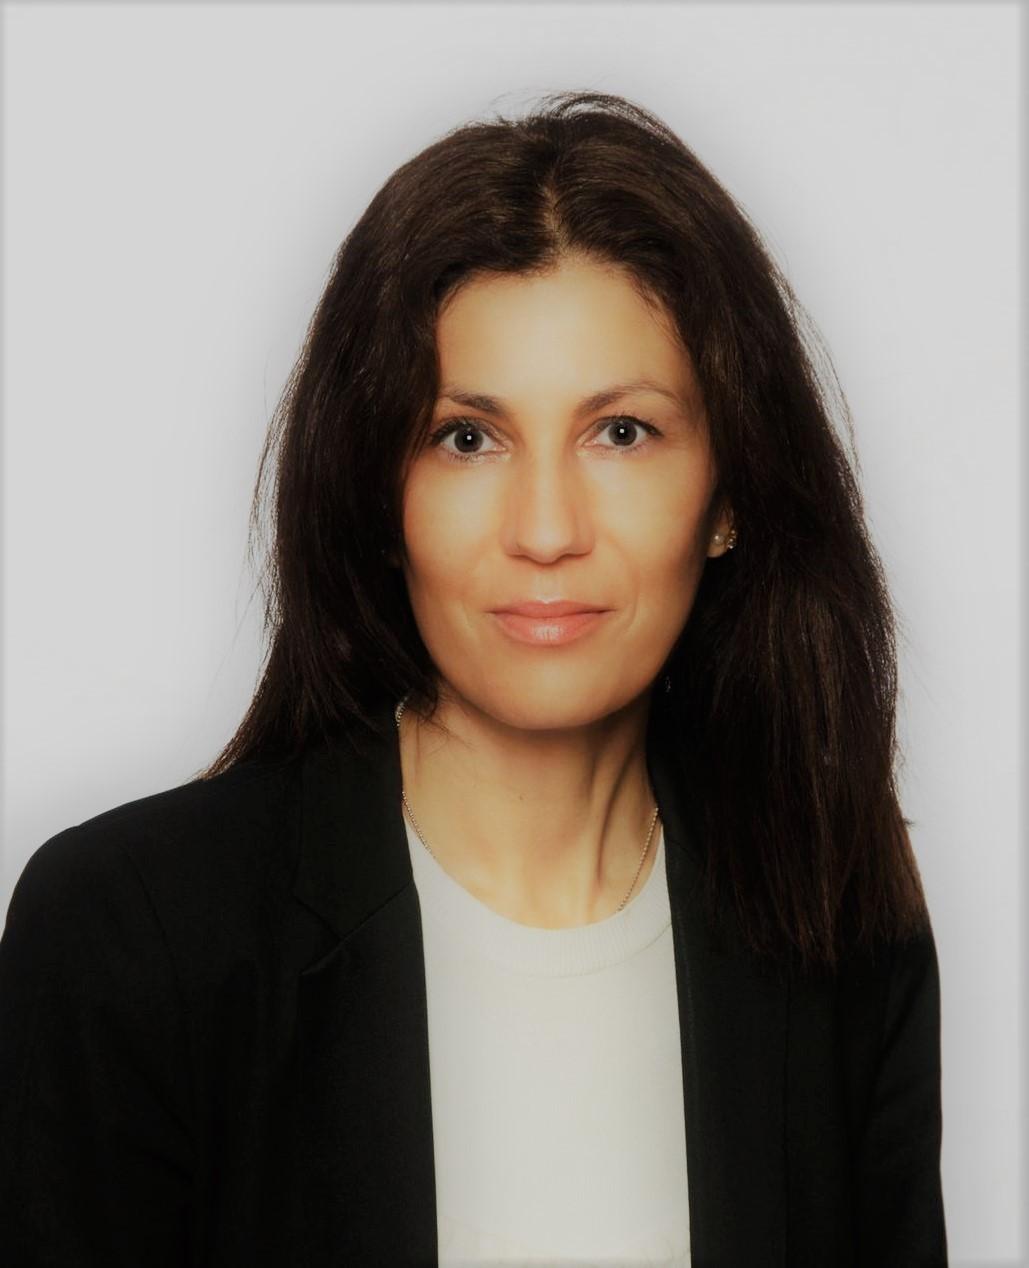 Eva María Verdial Astorgano